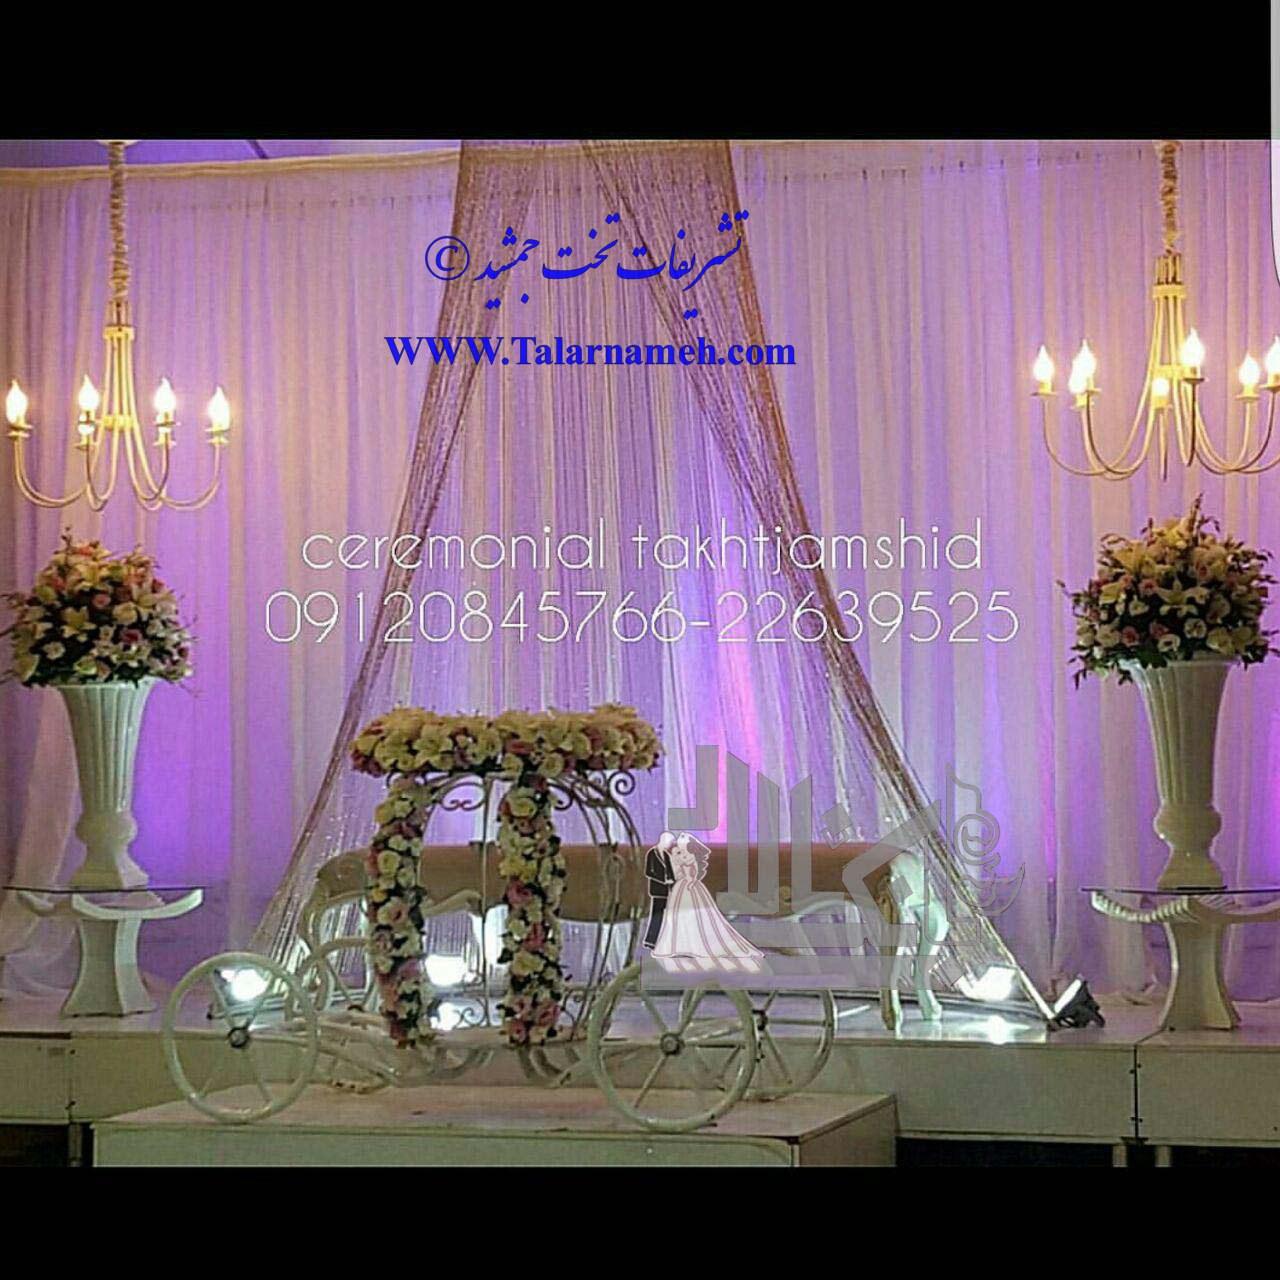 تشریفات عروسی تخت جمشید تهران